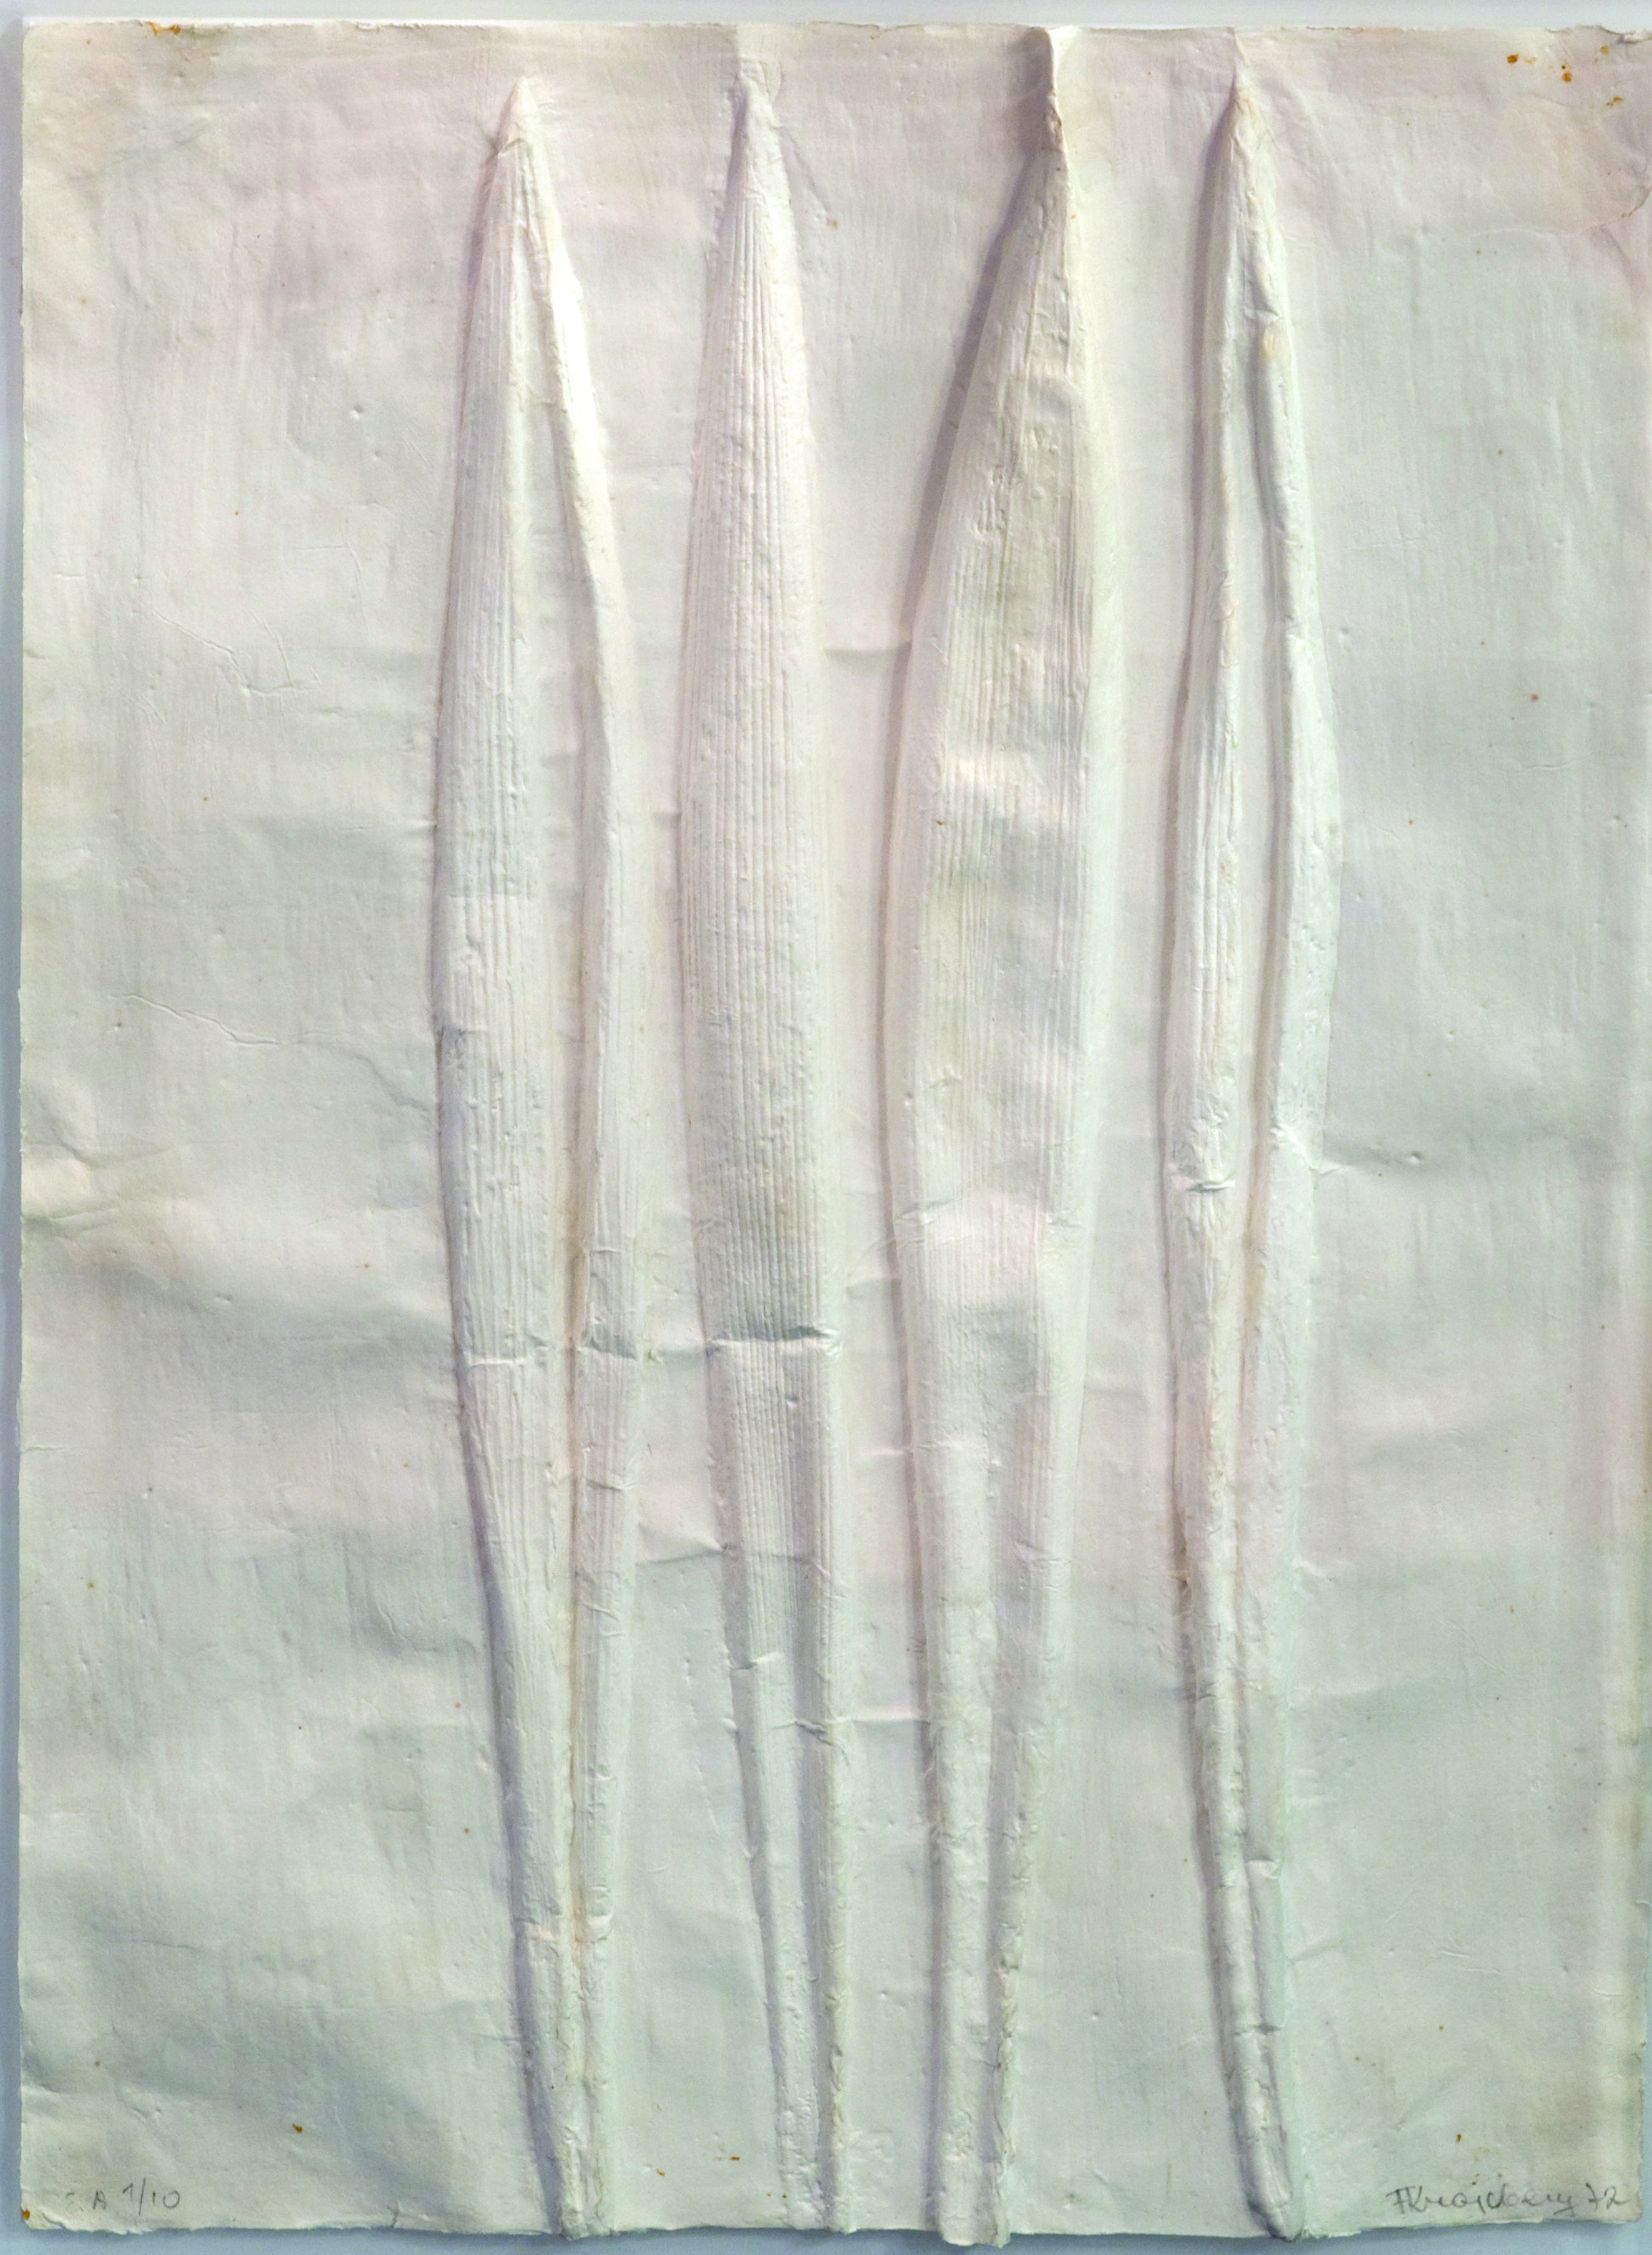 Sem título Autor: Frans Krajcberg Ano: 1972 Técnica: Modelagem de gesso impresso em papel japonês Dimensões: 75cm x 55cm